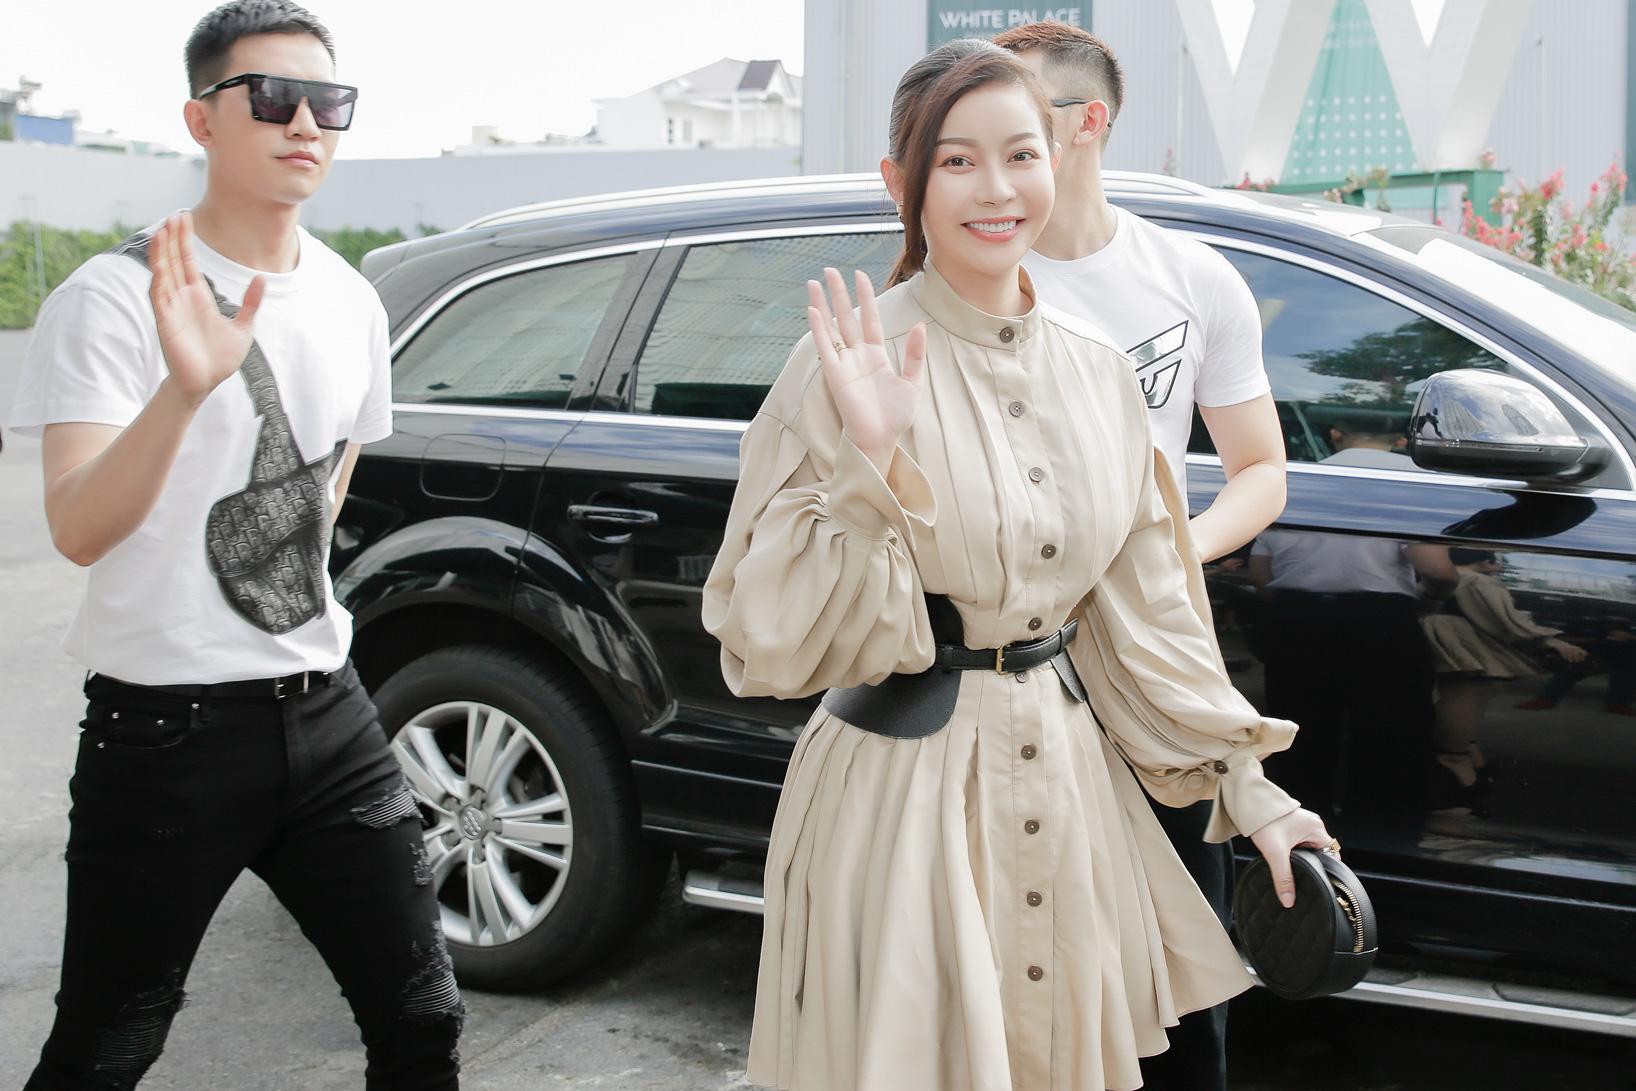 Hoa hậu Hải Dương được mỹ nam Minh Trung - Võ Cảnh tháp tùng, mua hơn nửa BST mới khi dự show của Chung Thanh Phong - Ảnh 1.